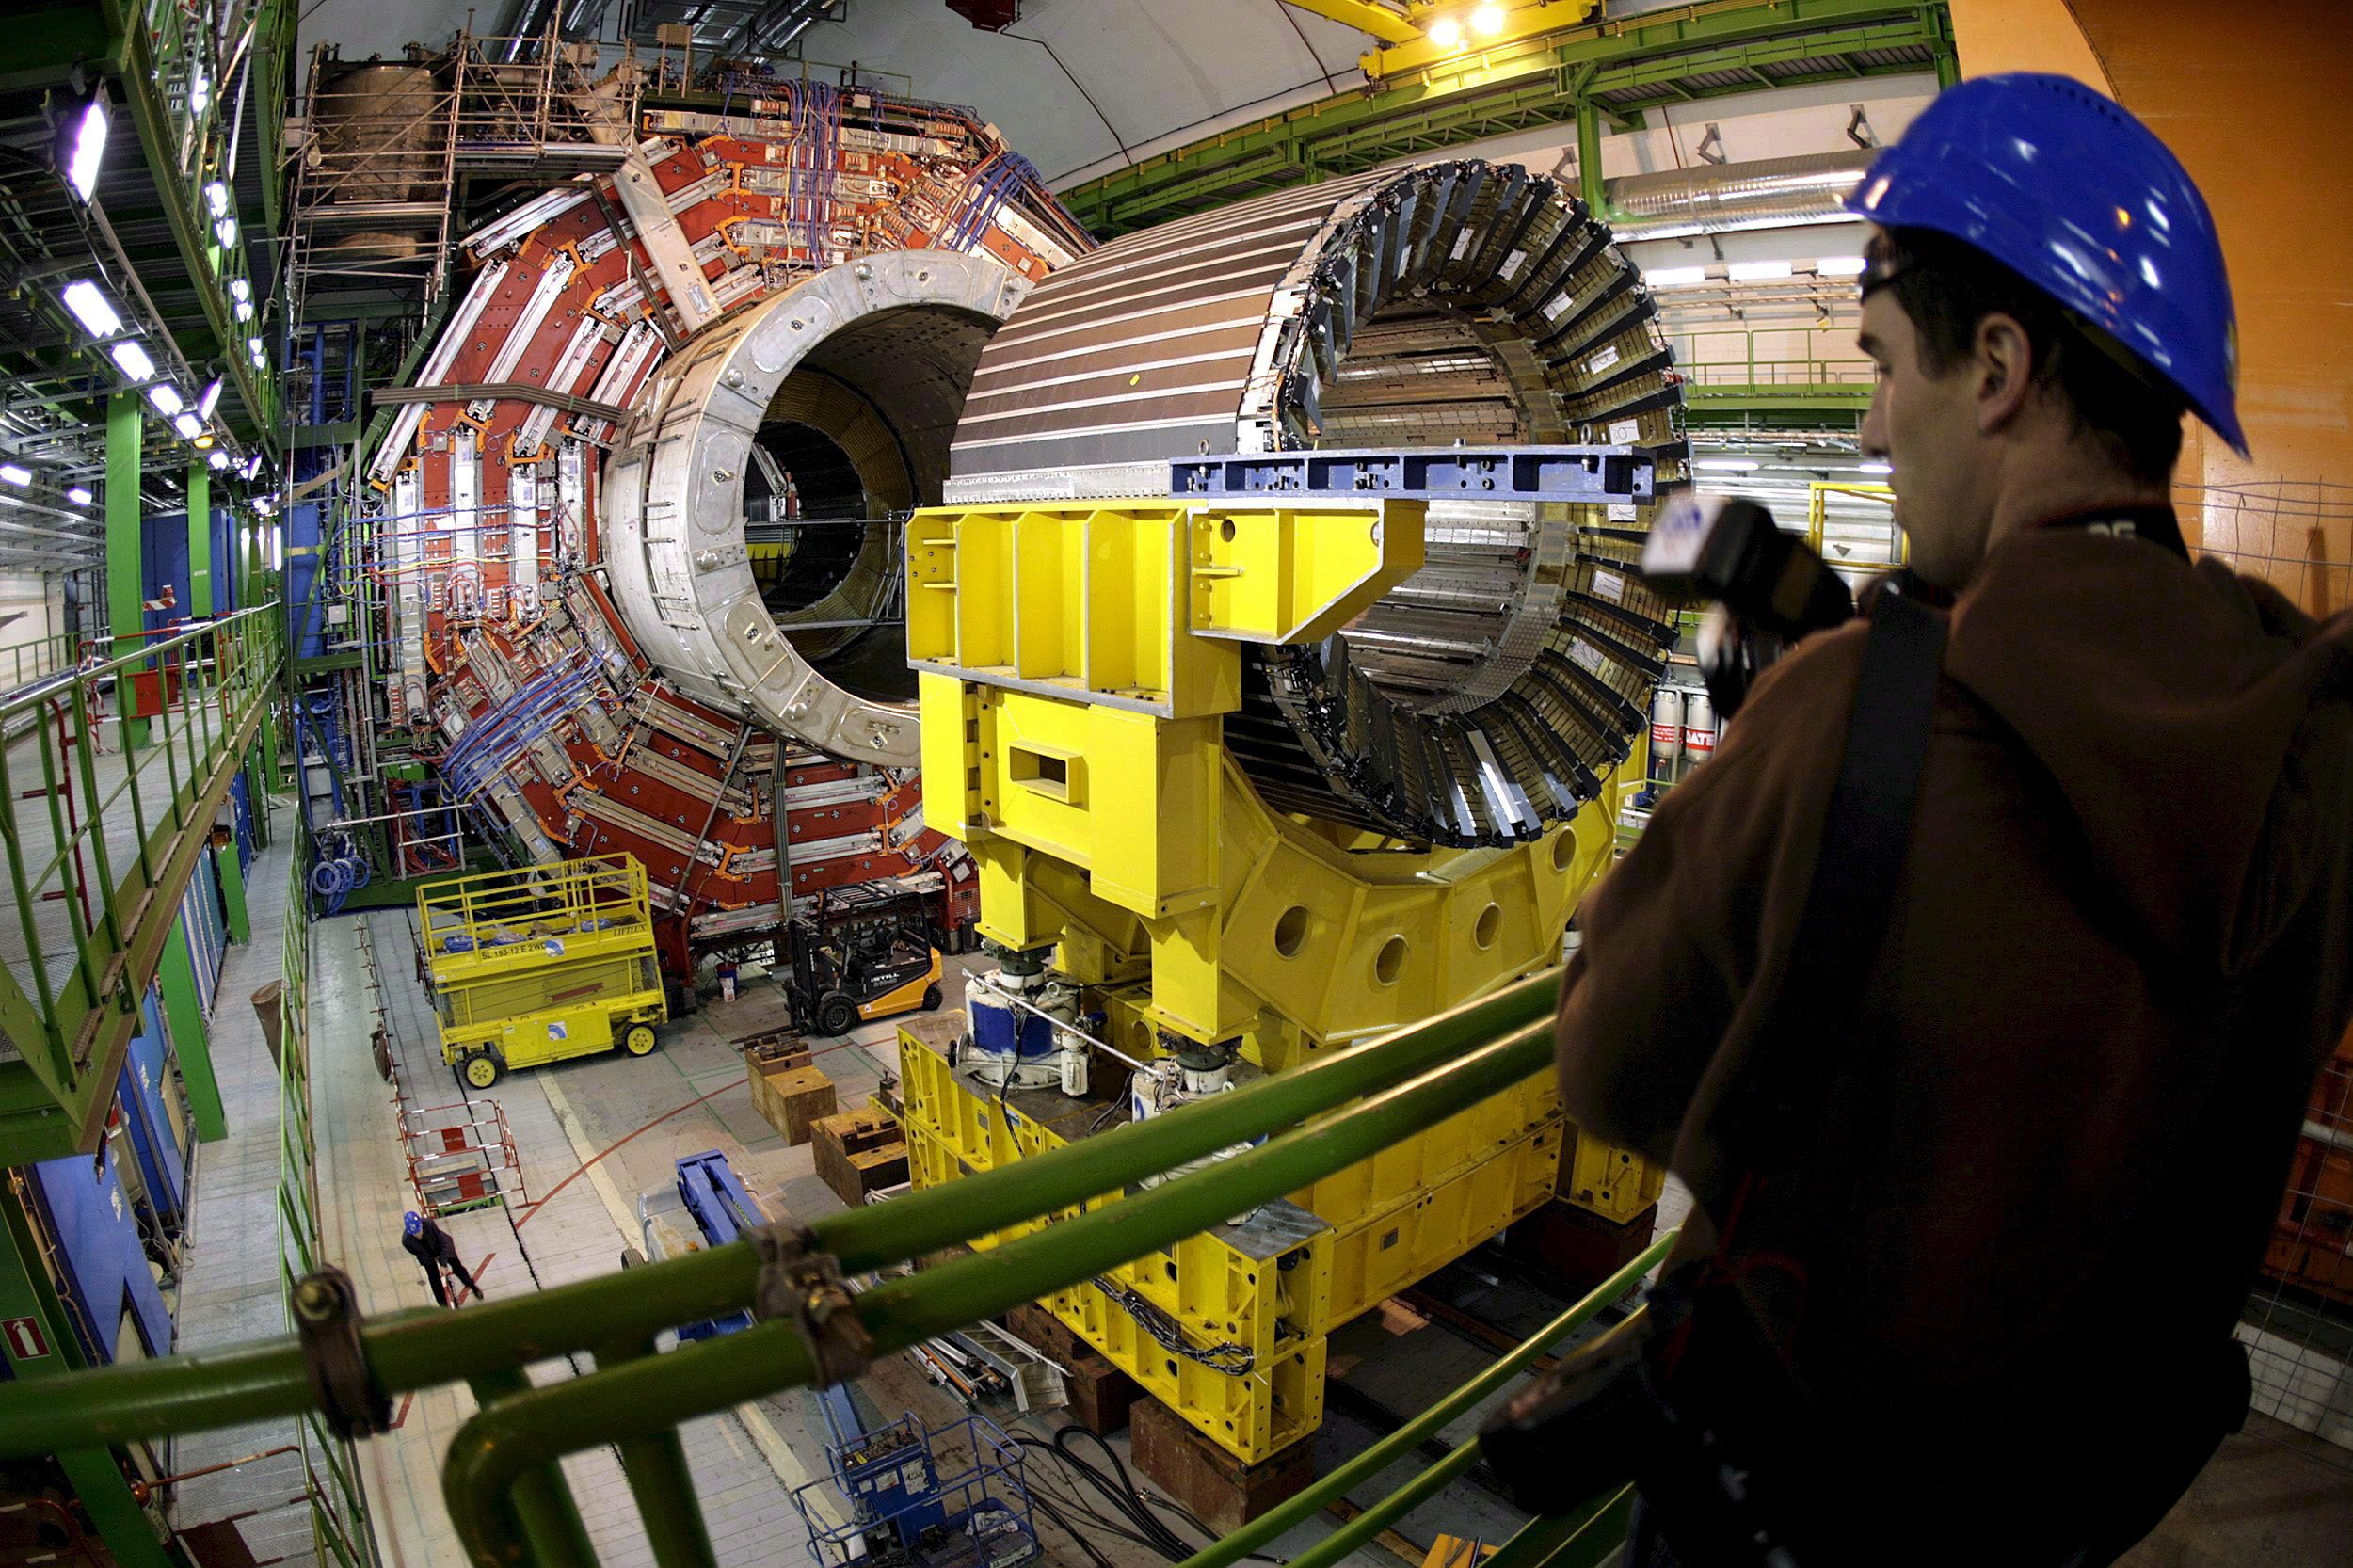 Mit dem größten Teilchenbeschleuniger der Welt wurde auch das Higgs-Boson (Gottesteilchen) entdeckt.